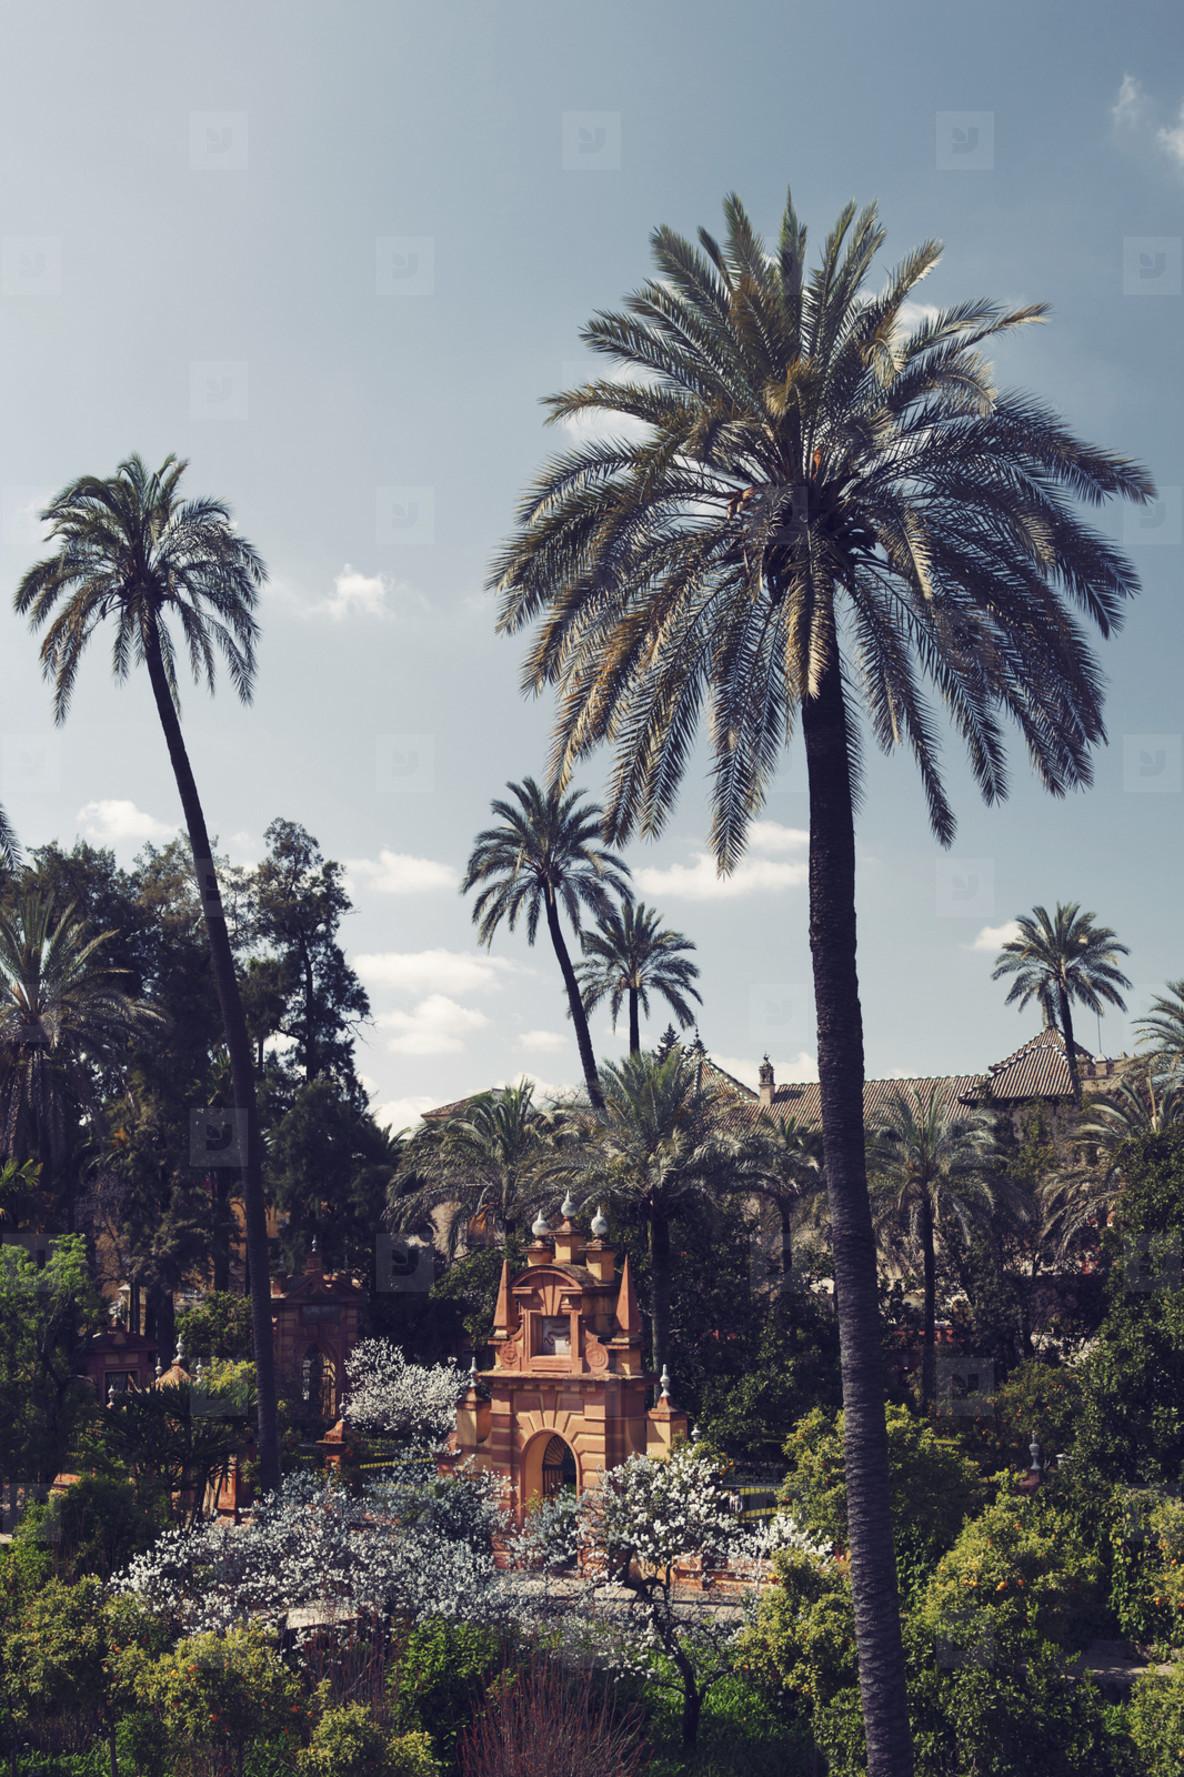 The Gardens of Alcazar